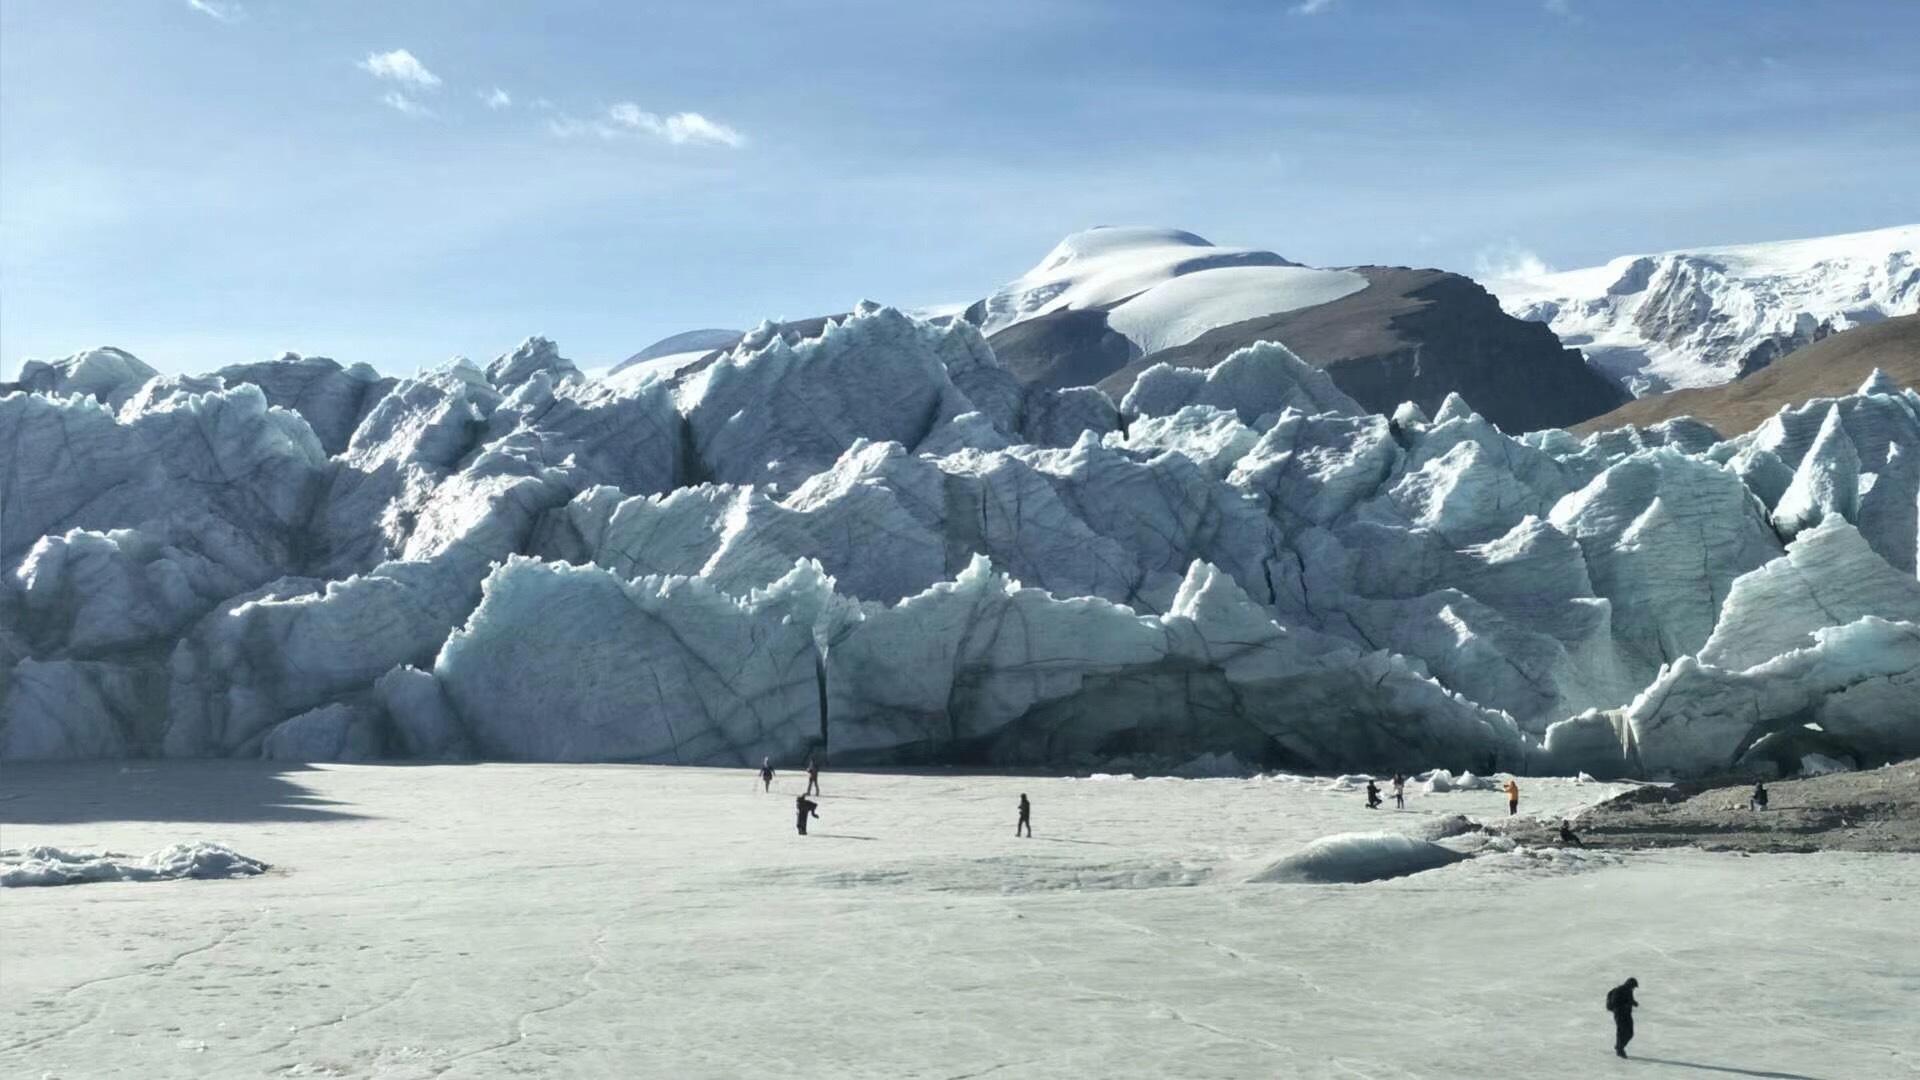 西藏不丹边境上的冰雪秘境40冰川 川藏线旅游攻略 第9张